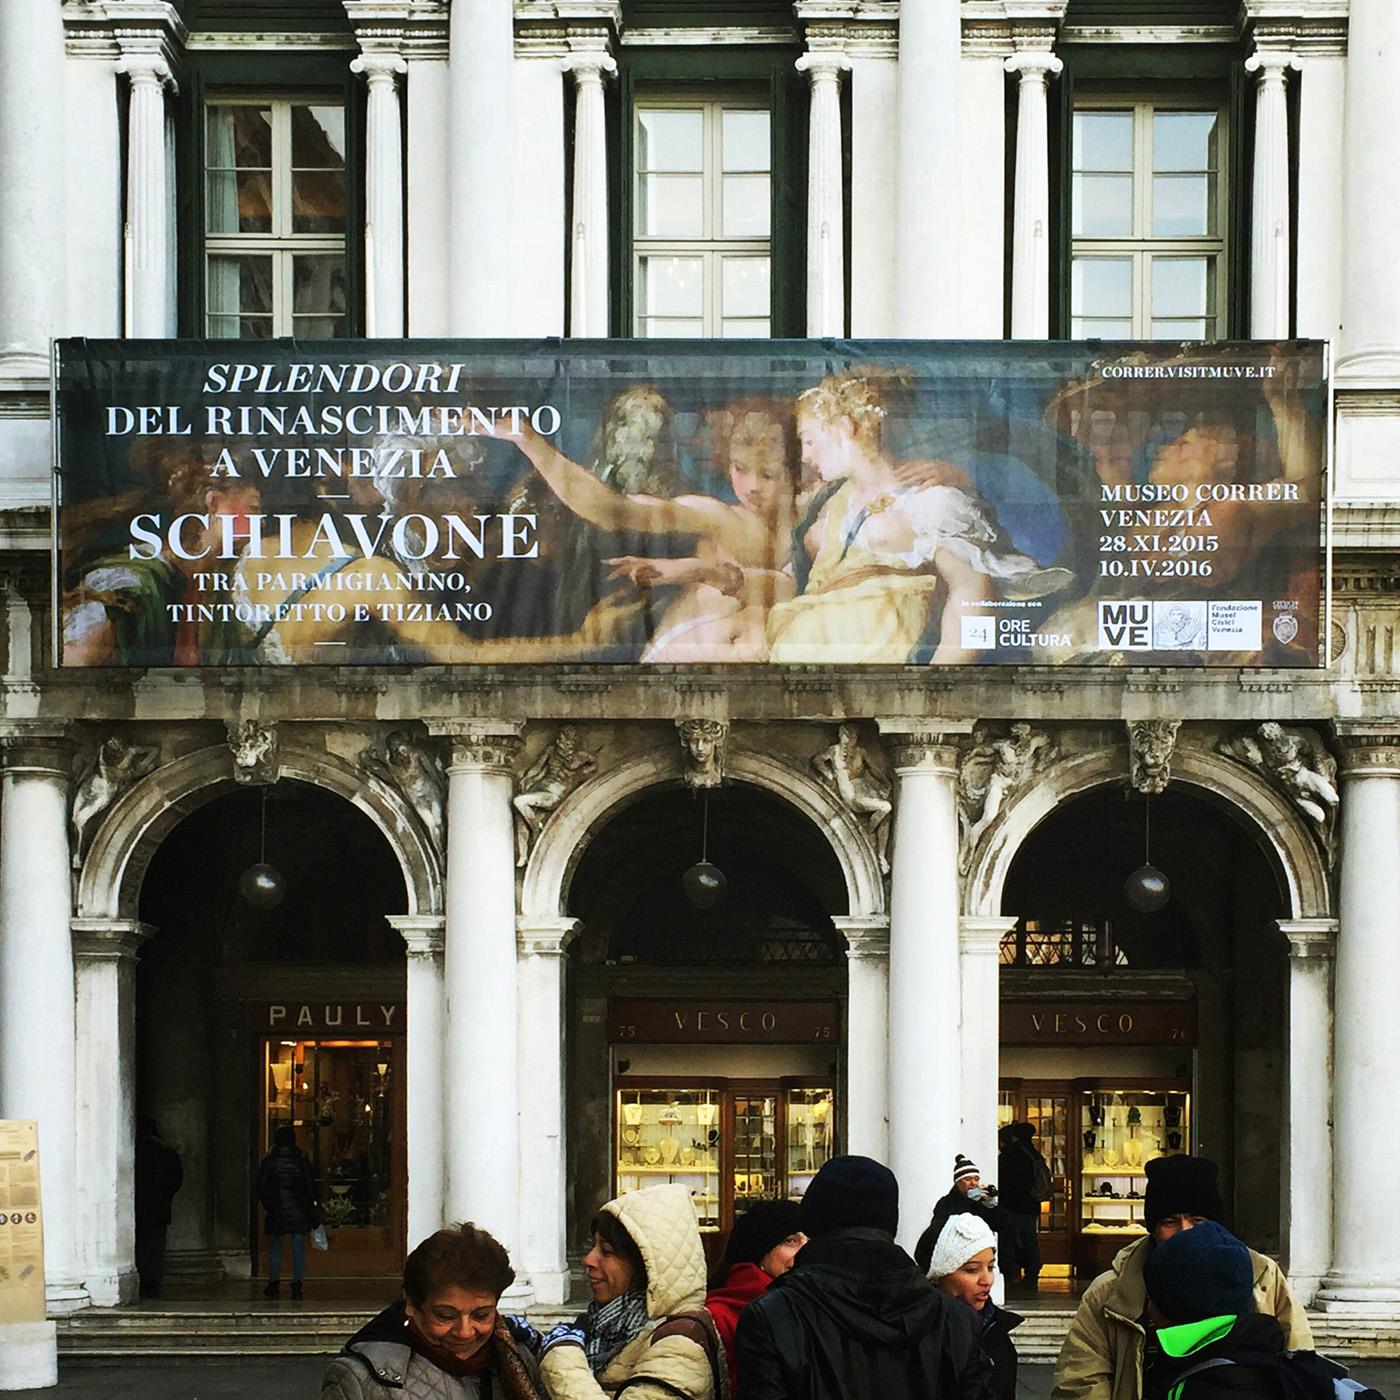 Splendoridel-Rinascimento-VenezianoSchiavone-tra-ParmigianinoTintoretto-e-Tiziano-002